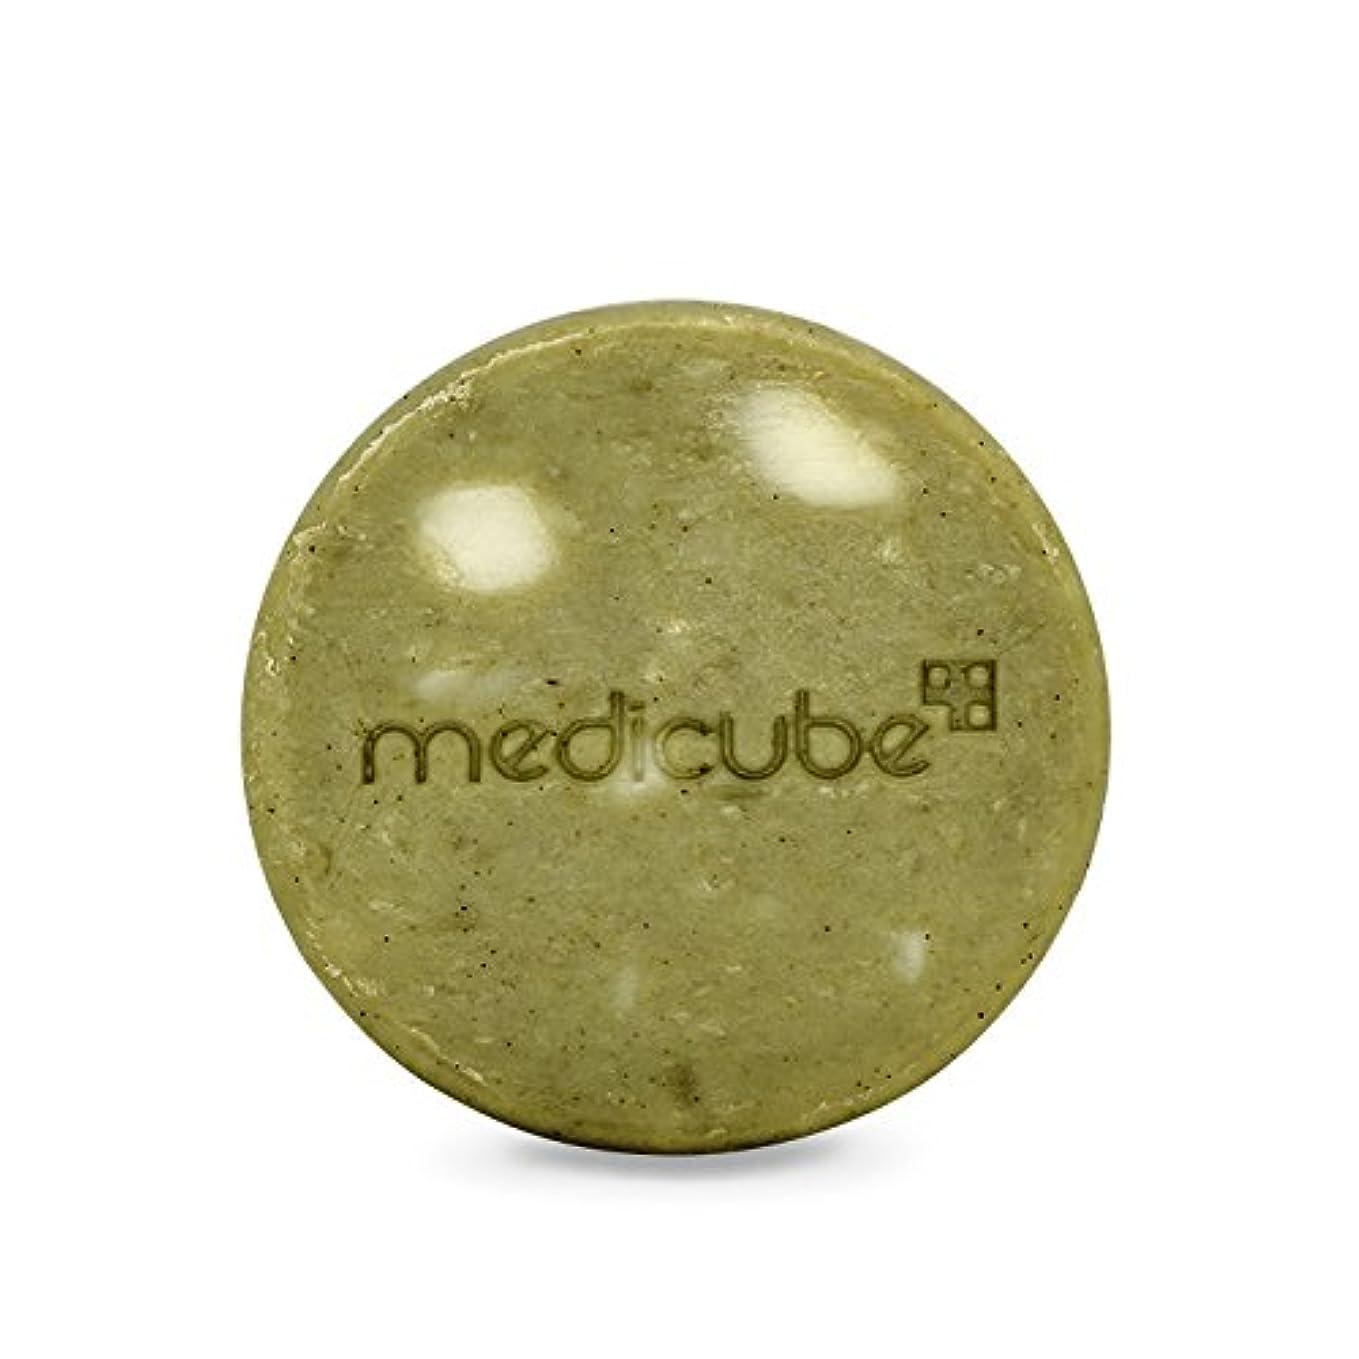 わがまま識別救い[Medicube]Red Body Bar / メディキューブレッドボディバー / 正品?海外直送商品 [並行輸入品]